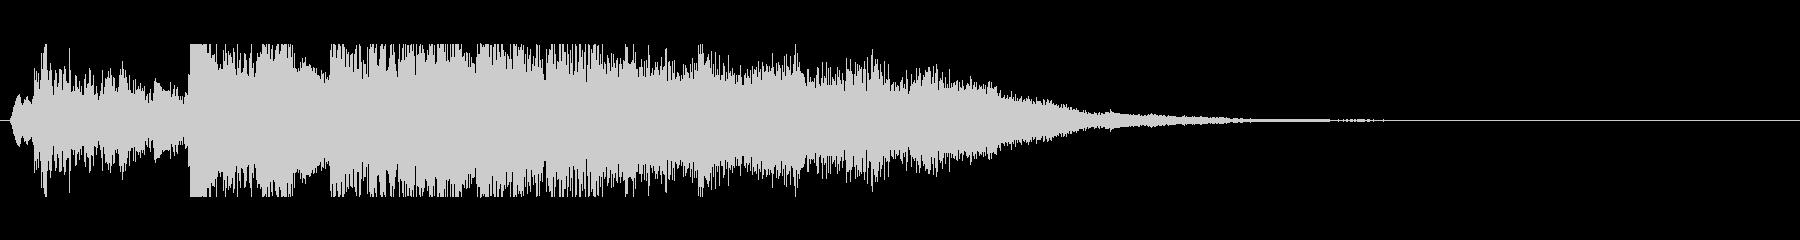 余韻残るピアノ中心~煌びやかな場面転換にの未再生の波形